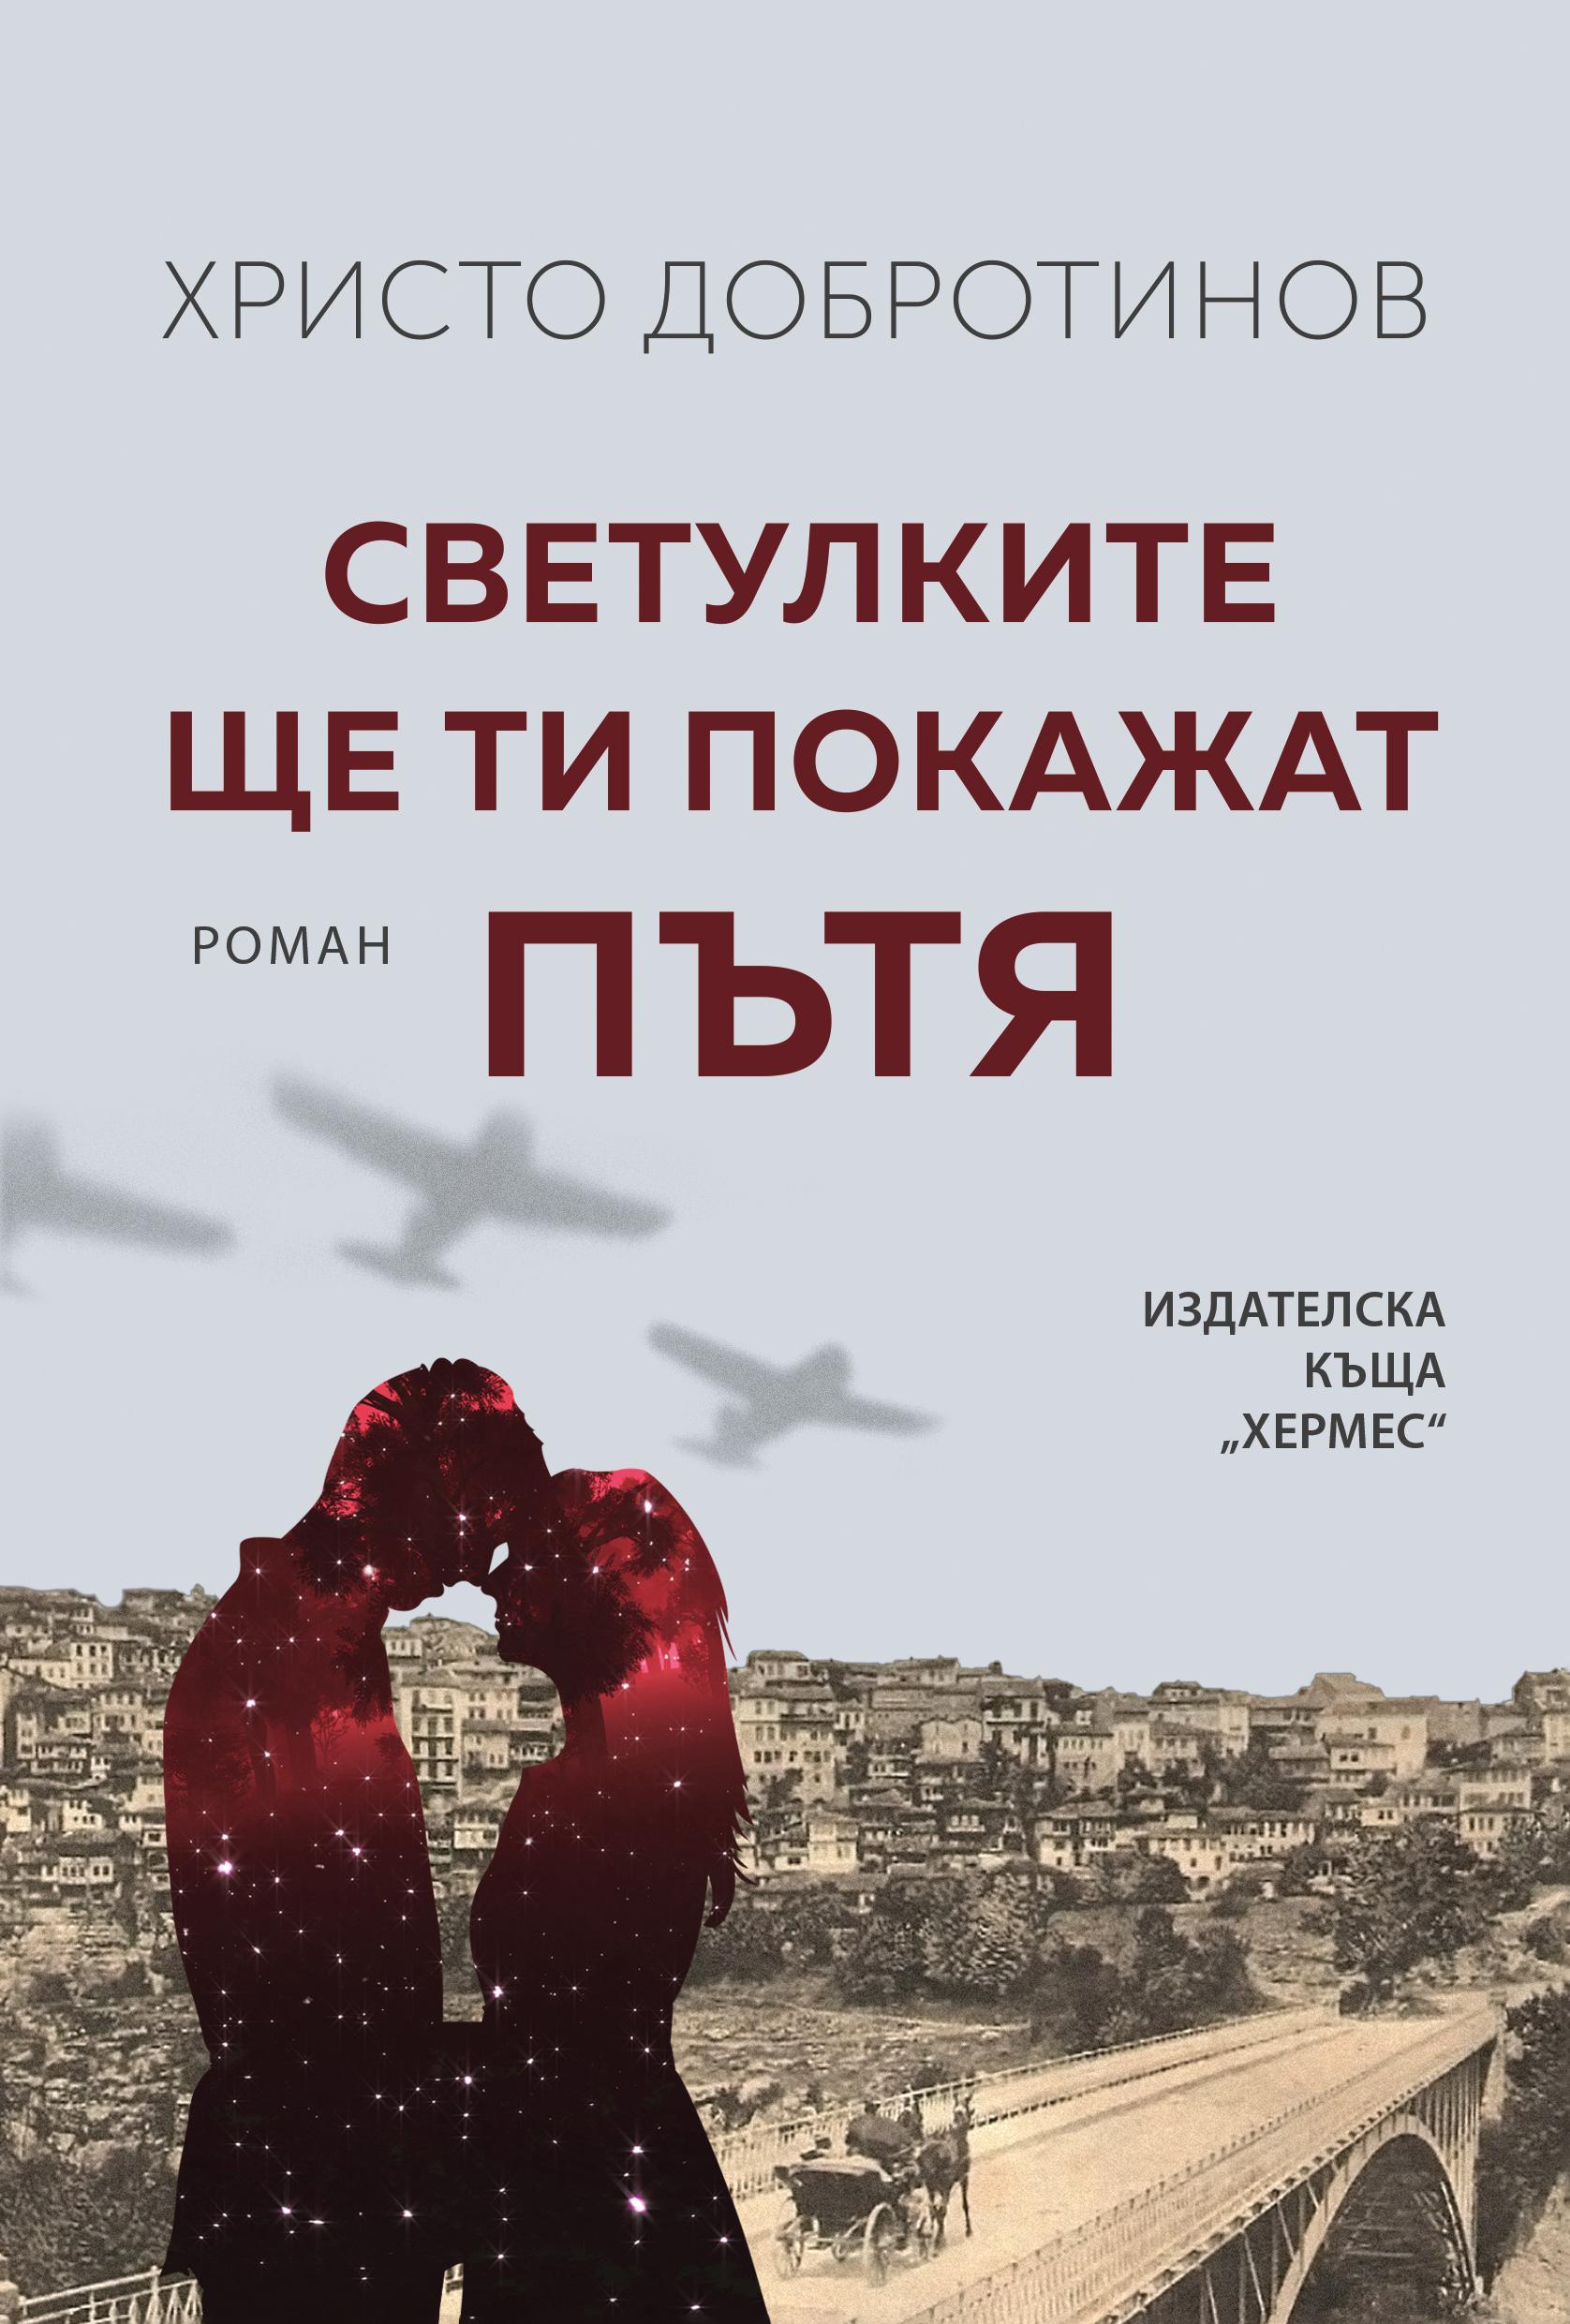 Накъде ни водят светулките в новия роман на Христо Добротинов?